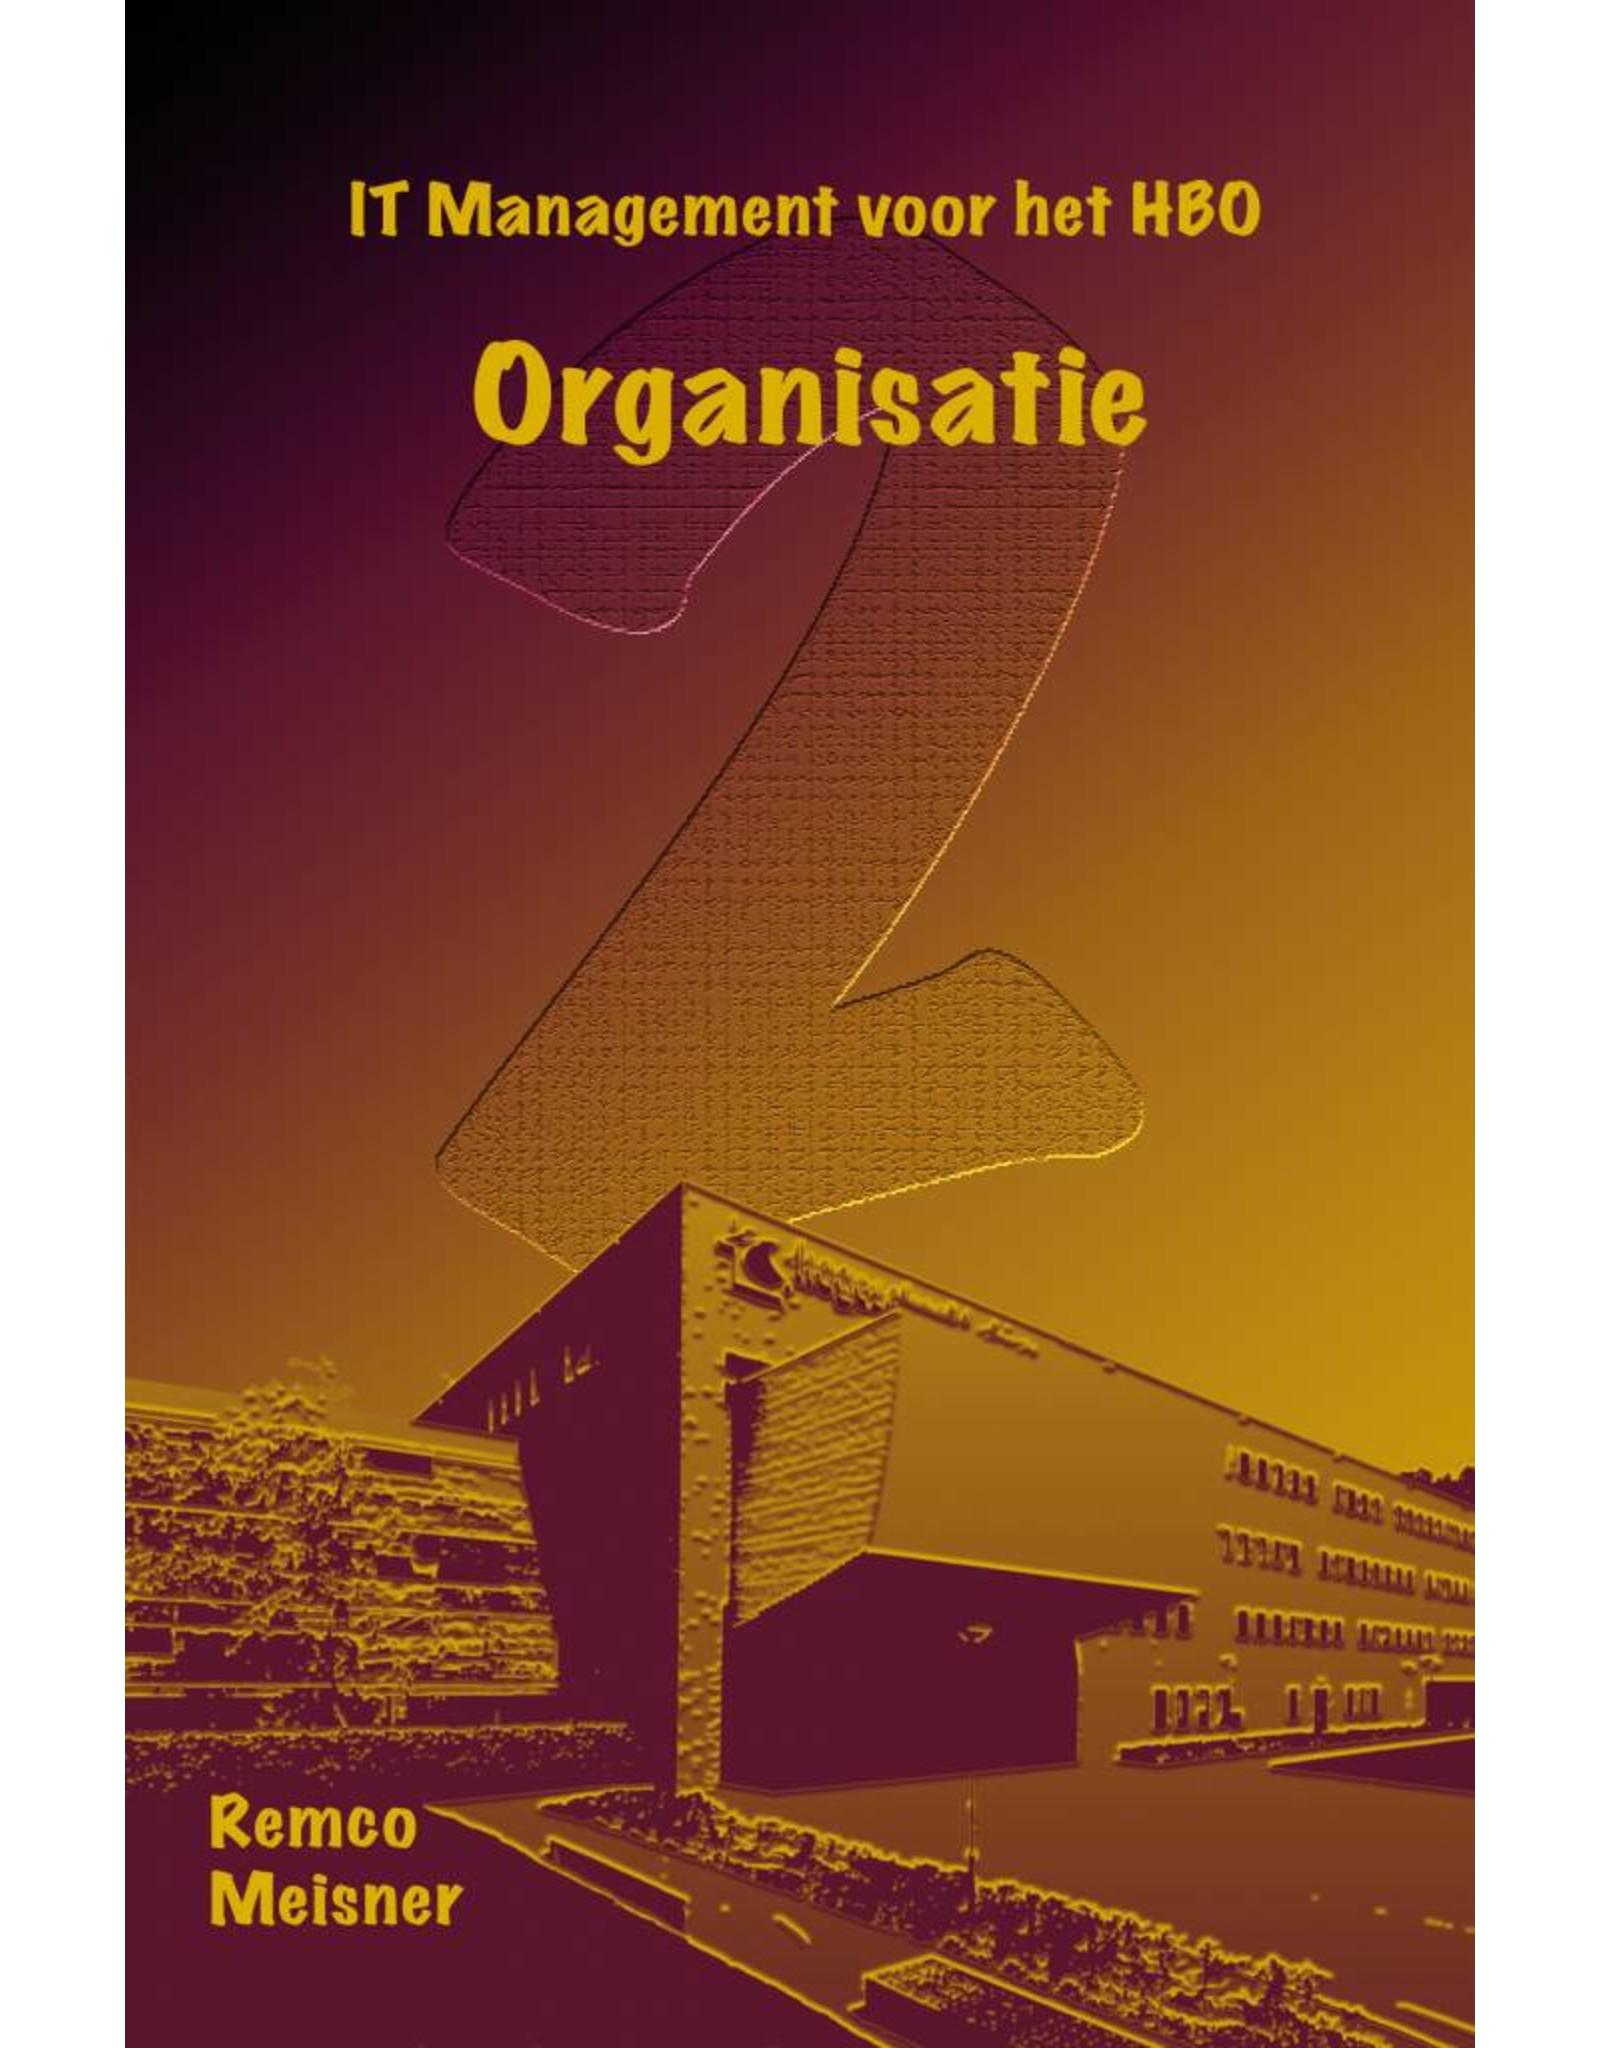 IT Management voor het HBO: Organisatie